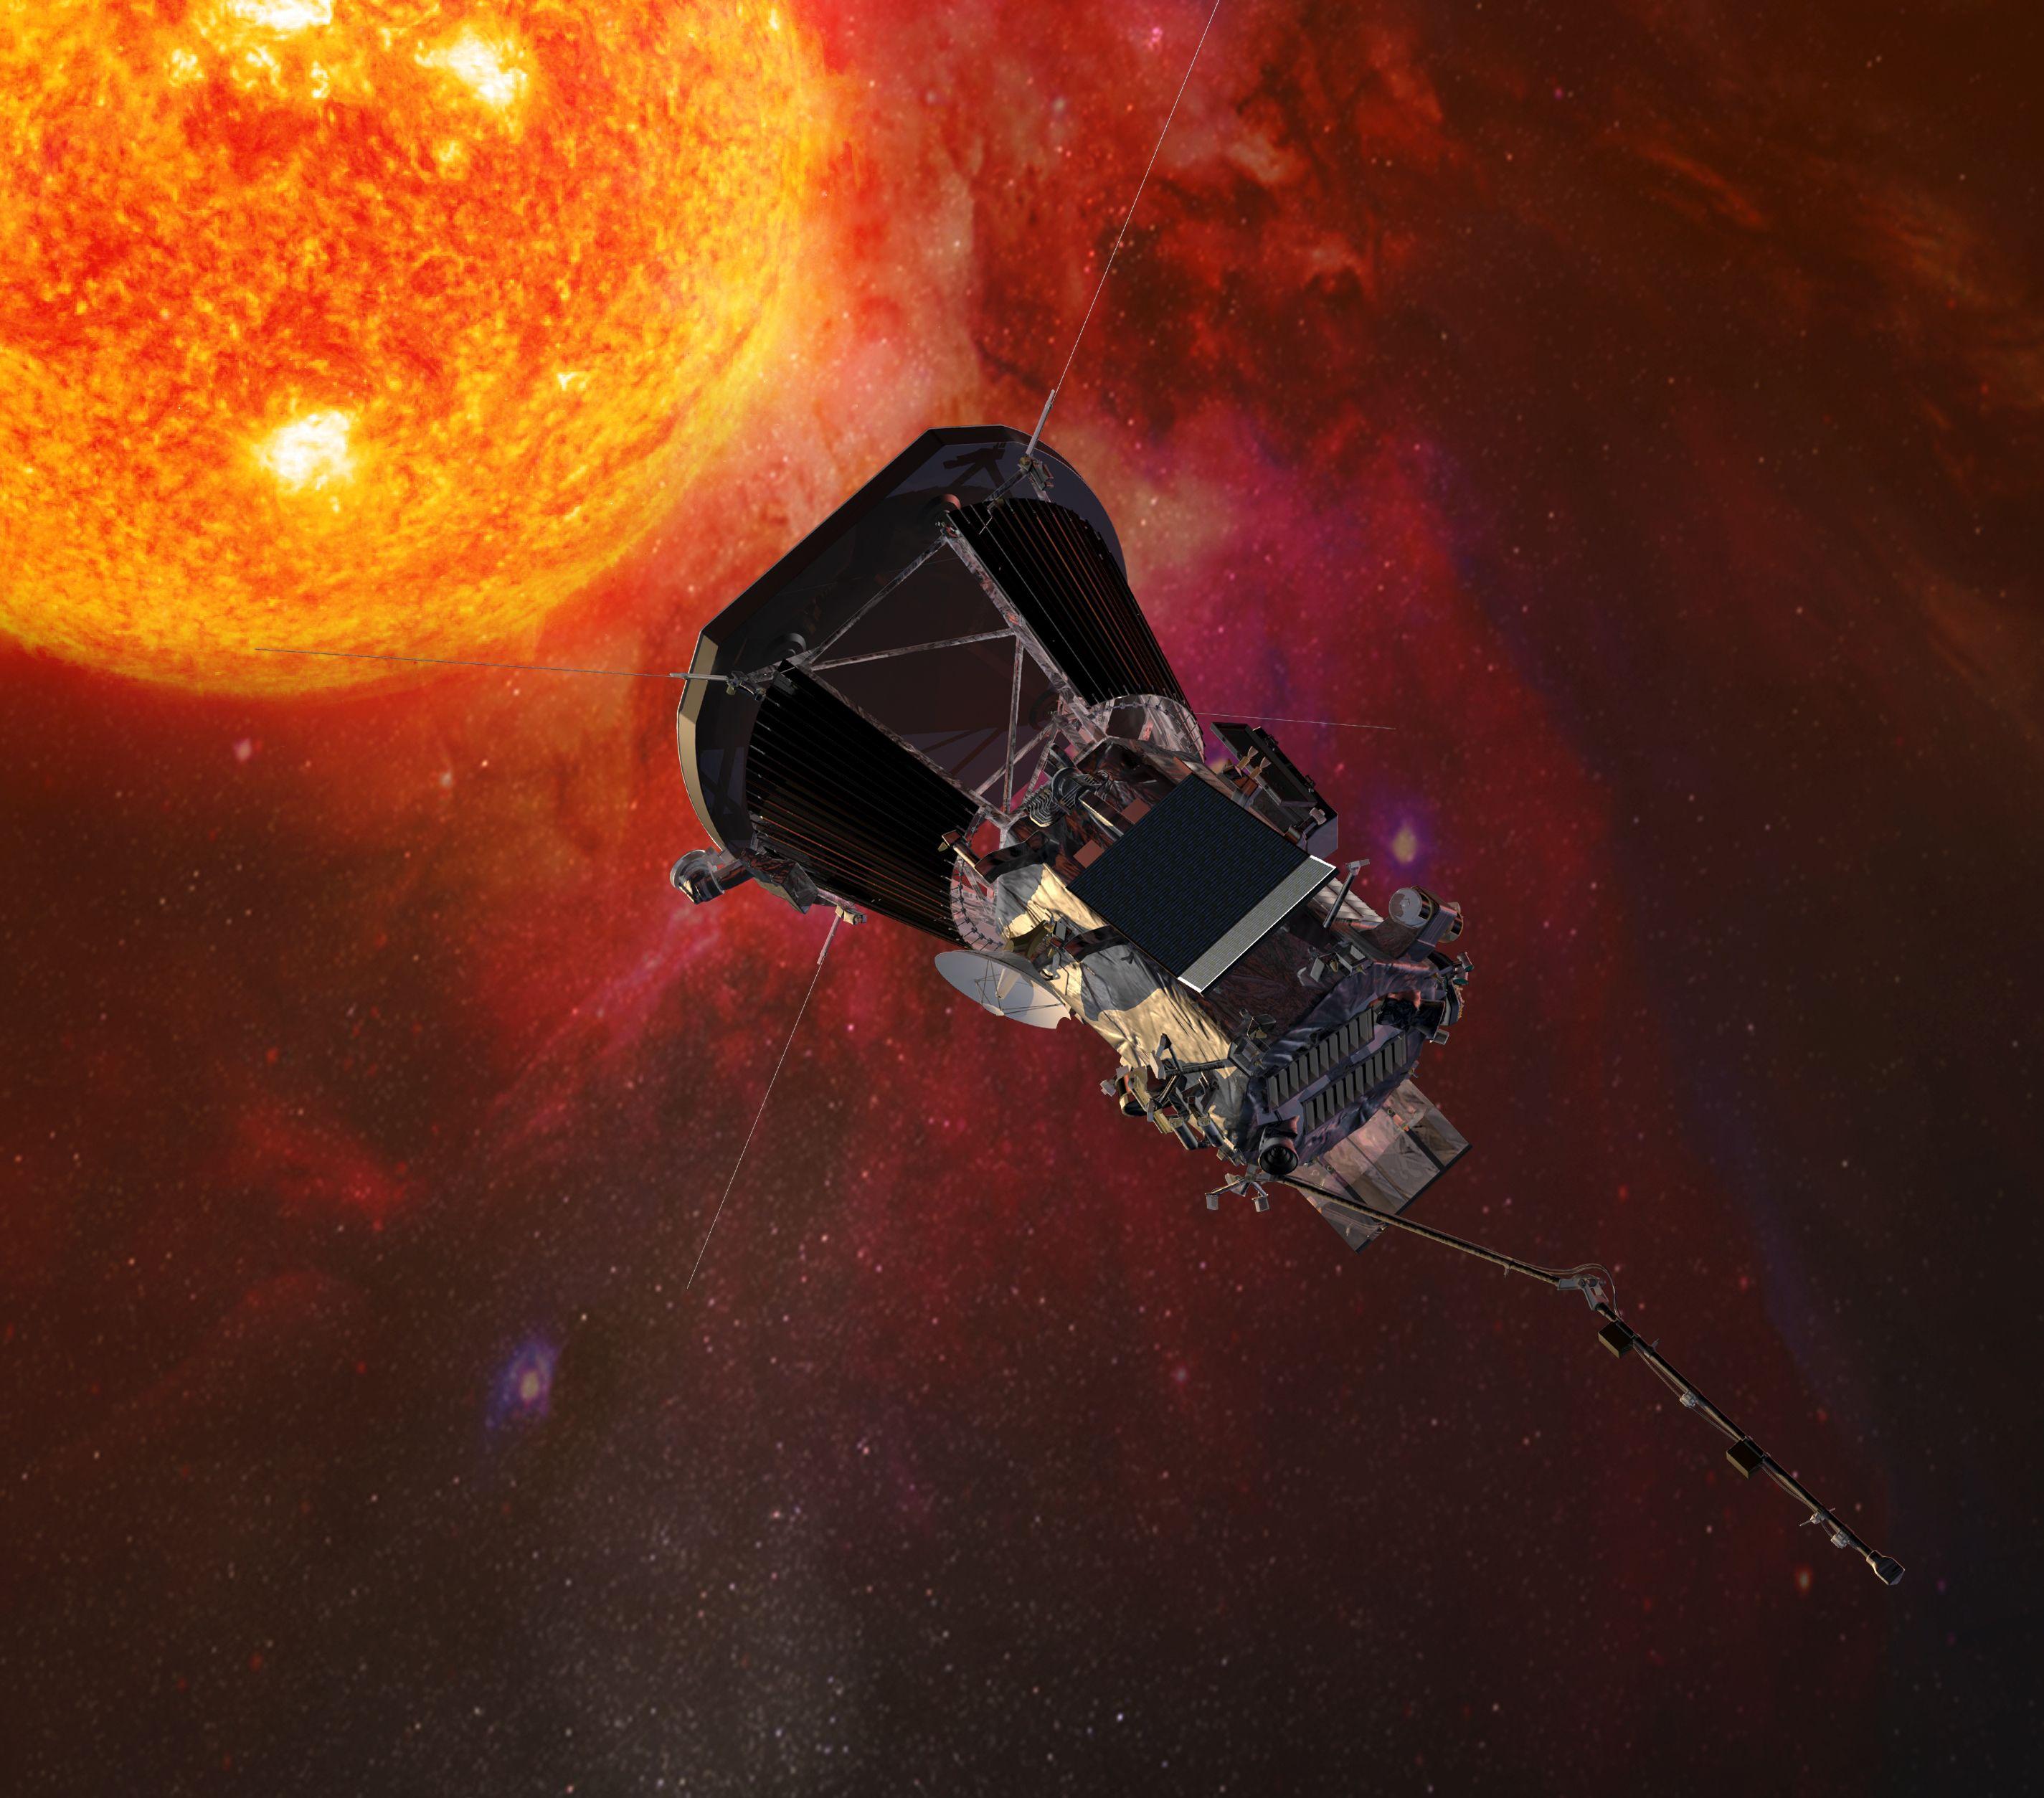 المسبار فى الشكل المتوقع أن يكون عليه خلال دراسة غلاف الشمس